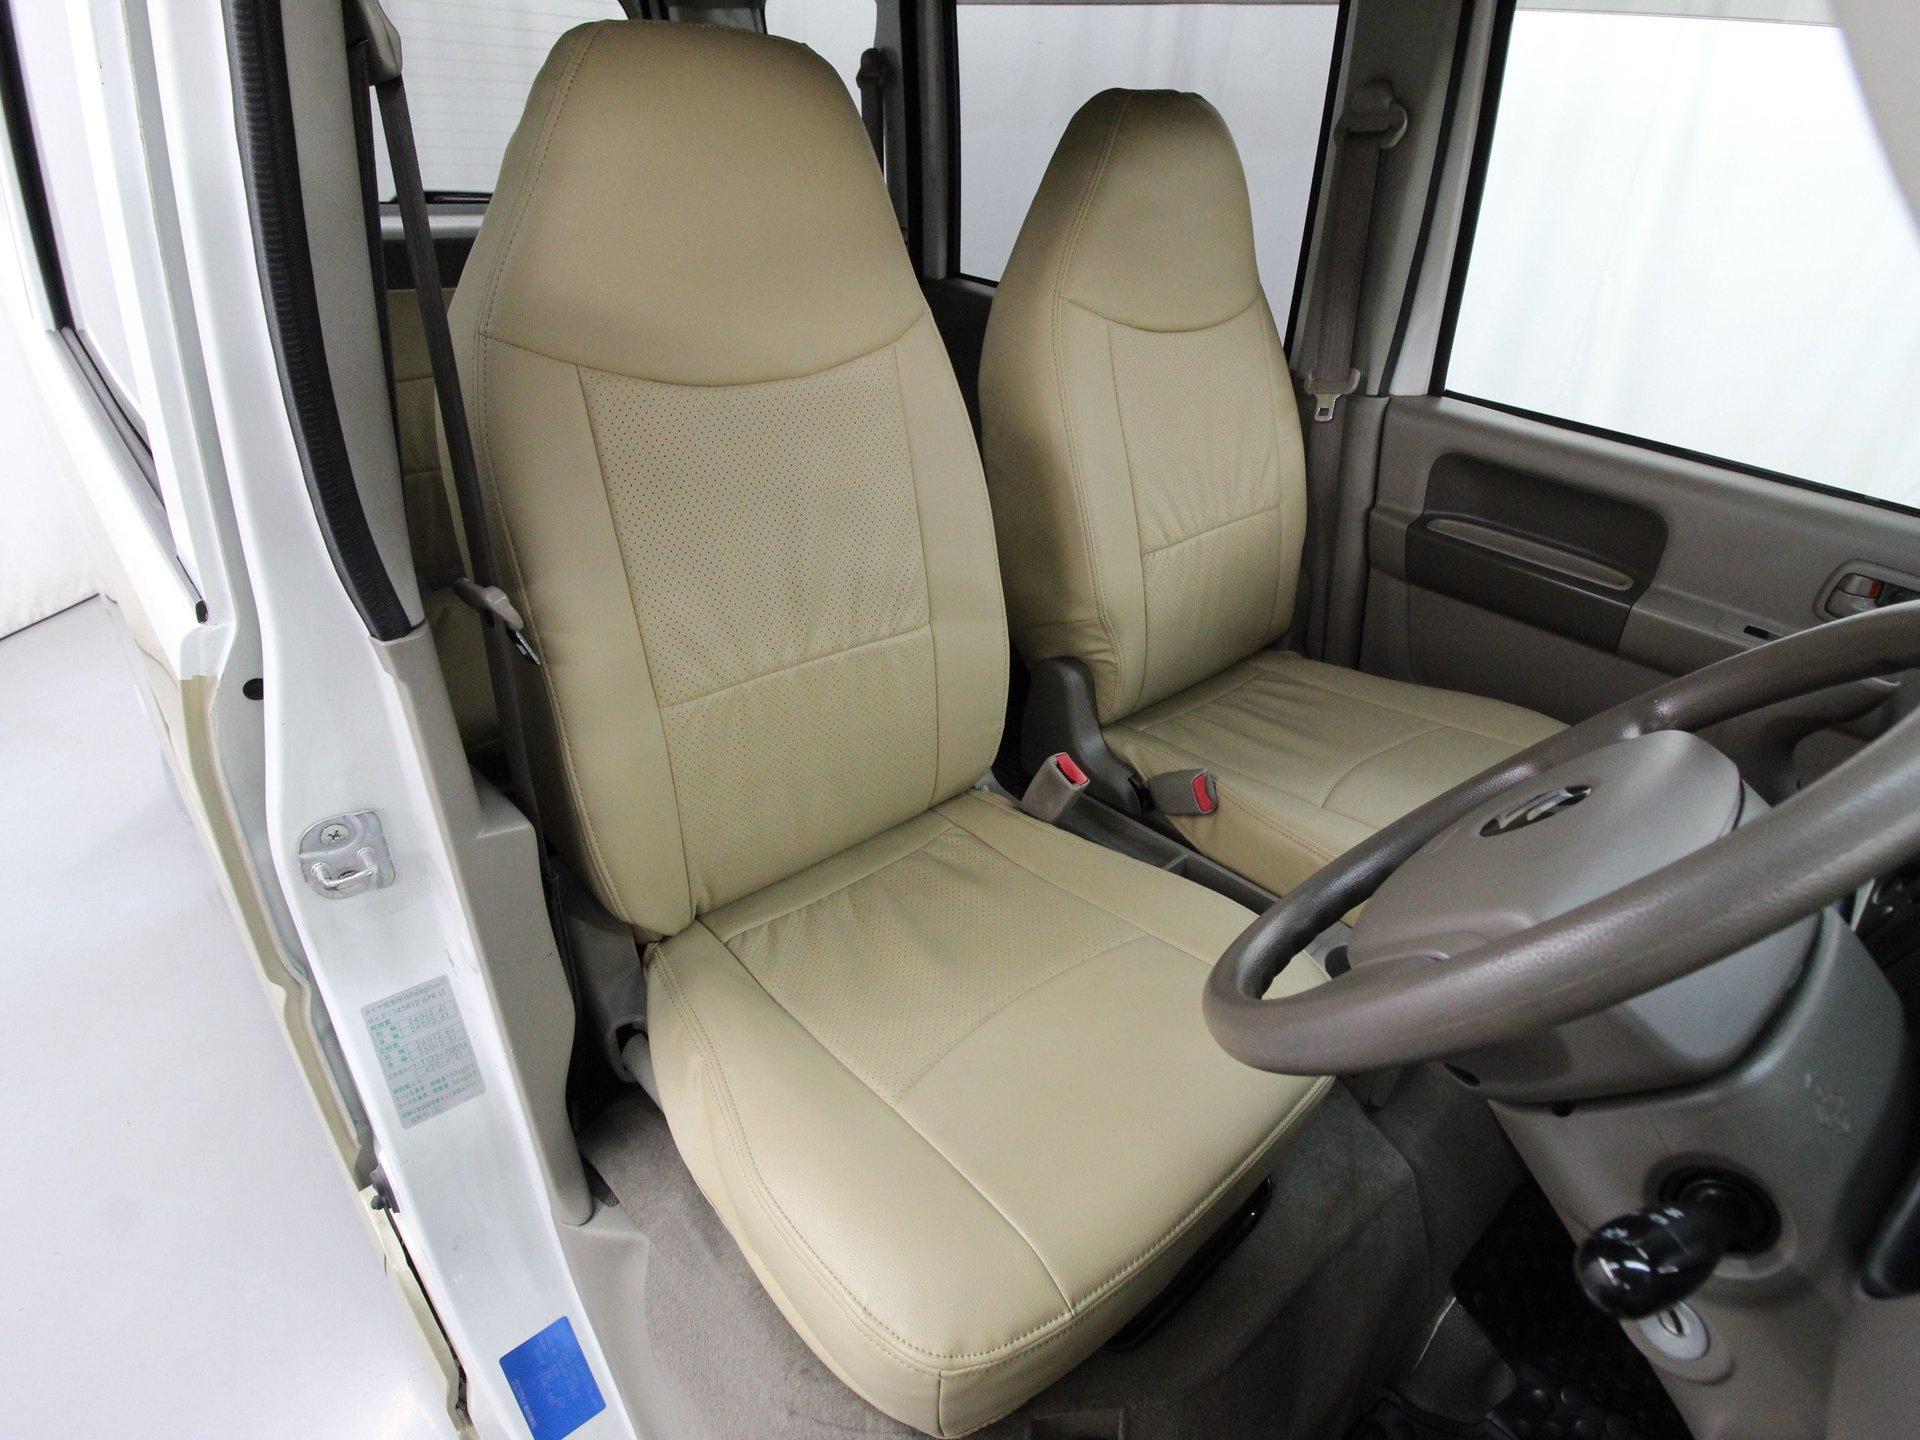 2011 Suzuki Every